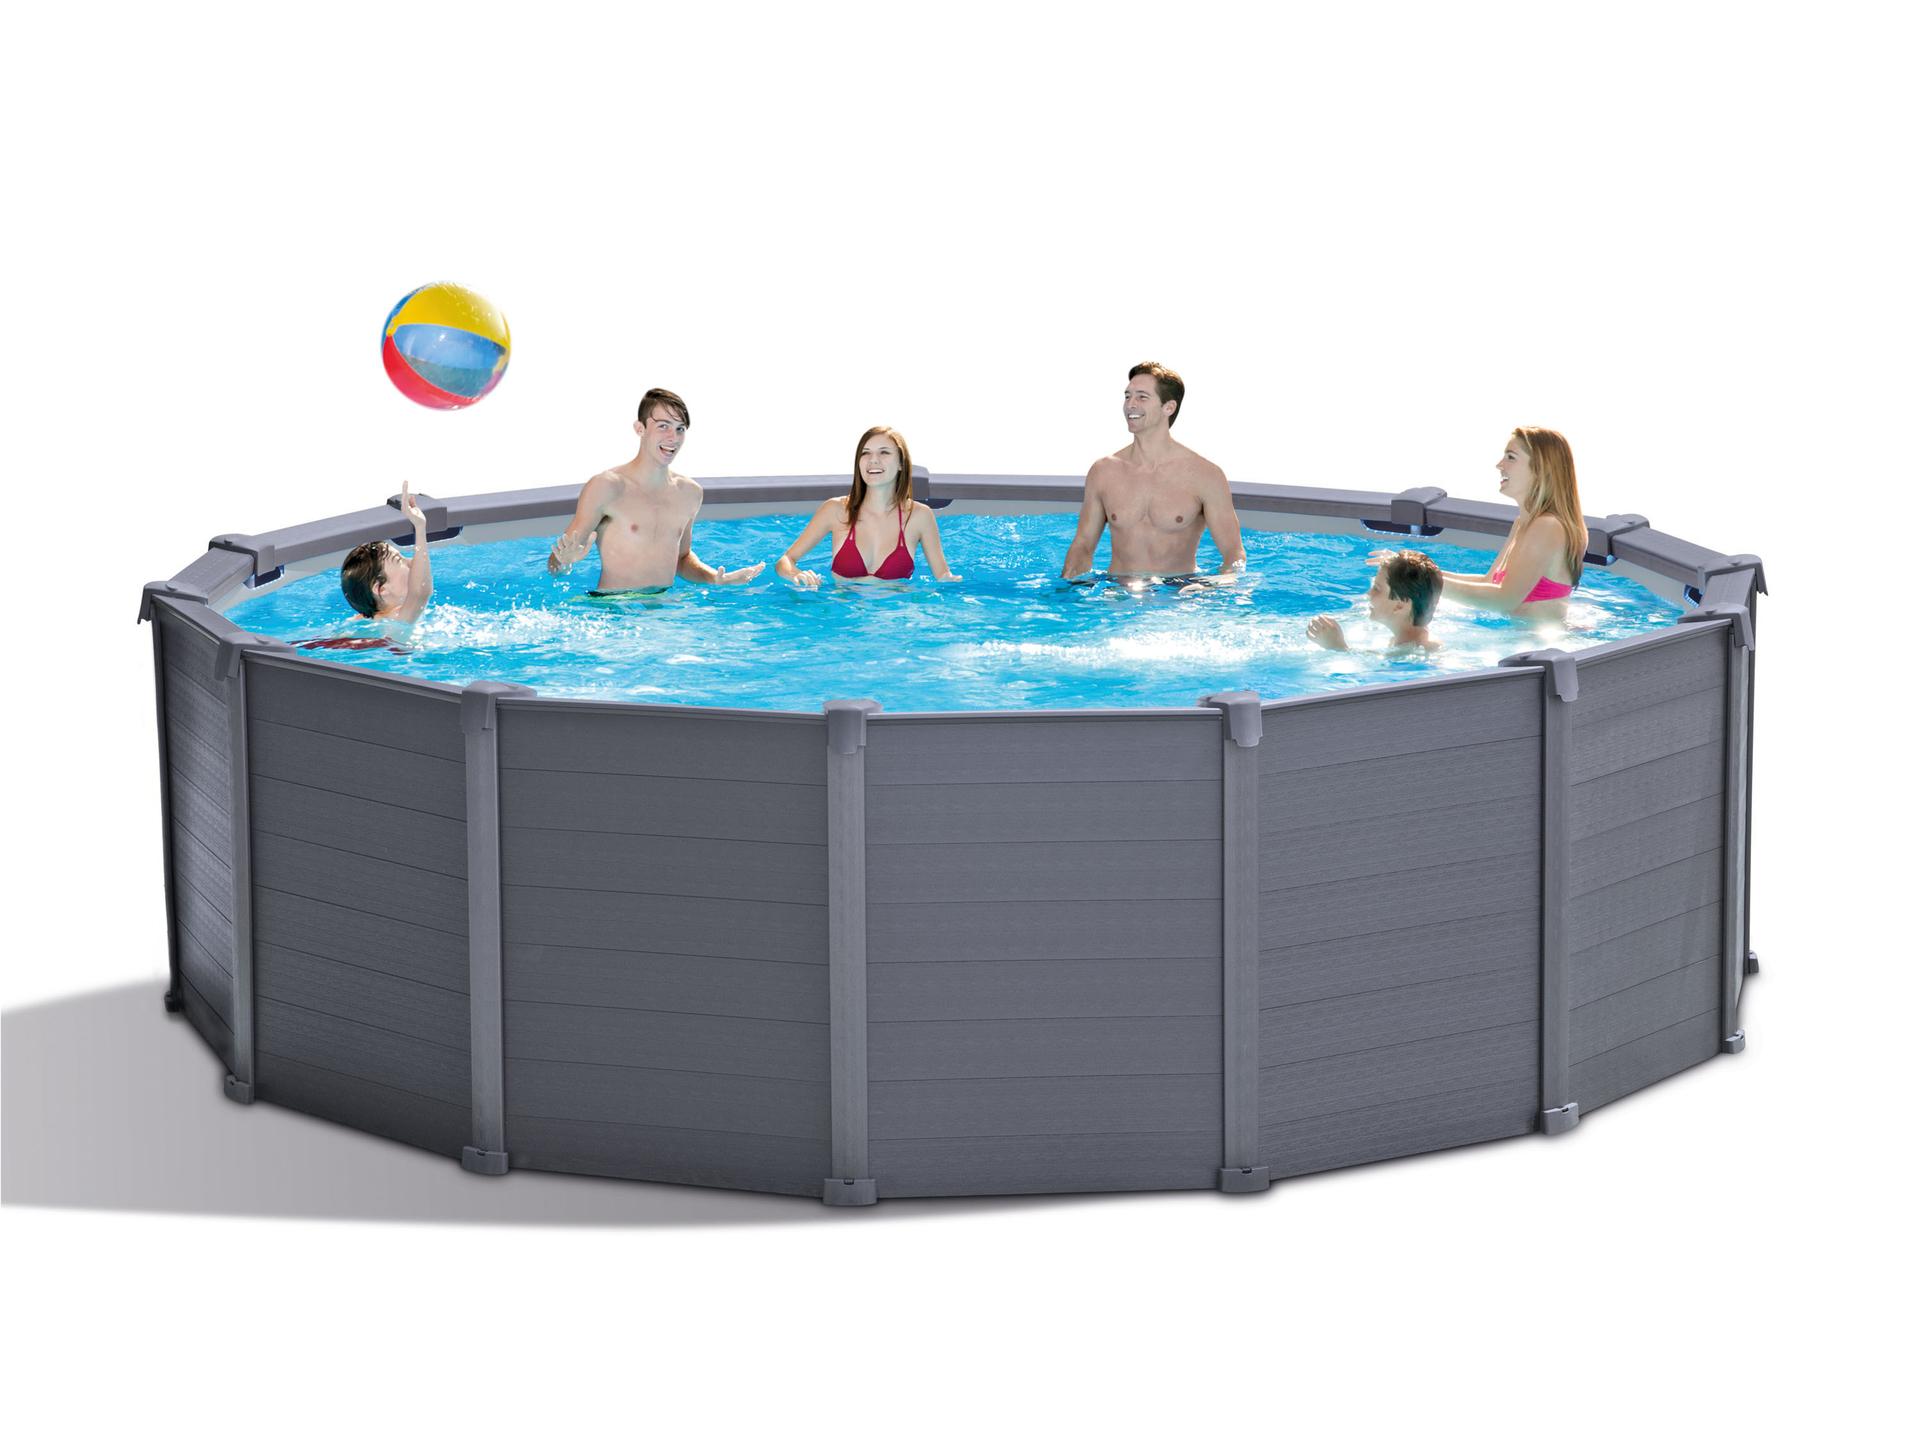 Voir Piscine Hors Sol intex graphite panel piscine hors sol 478x122 cm + pompe